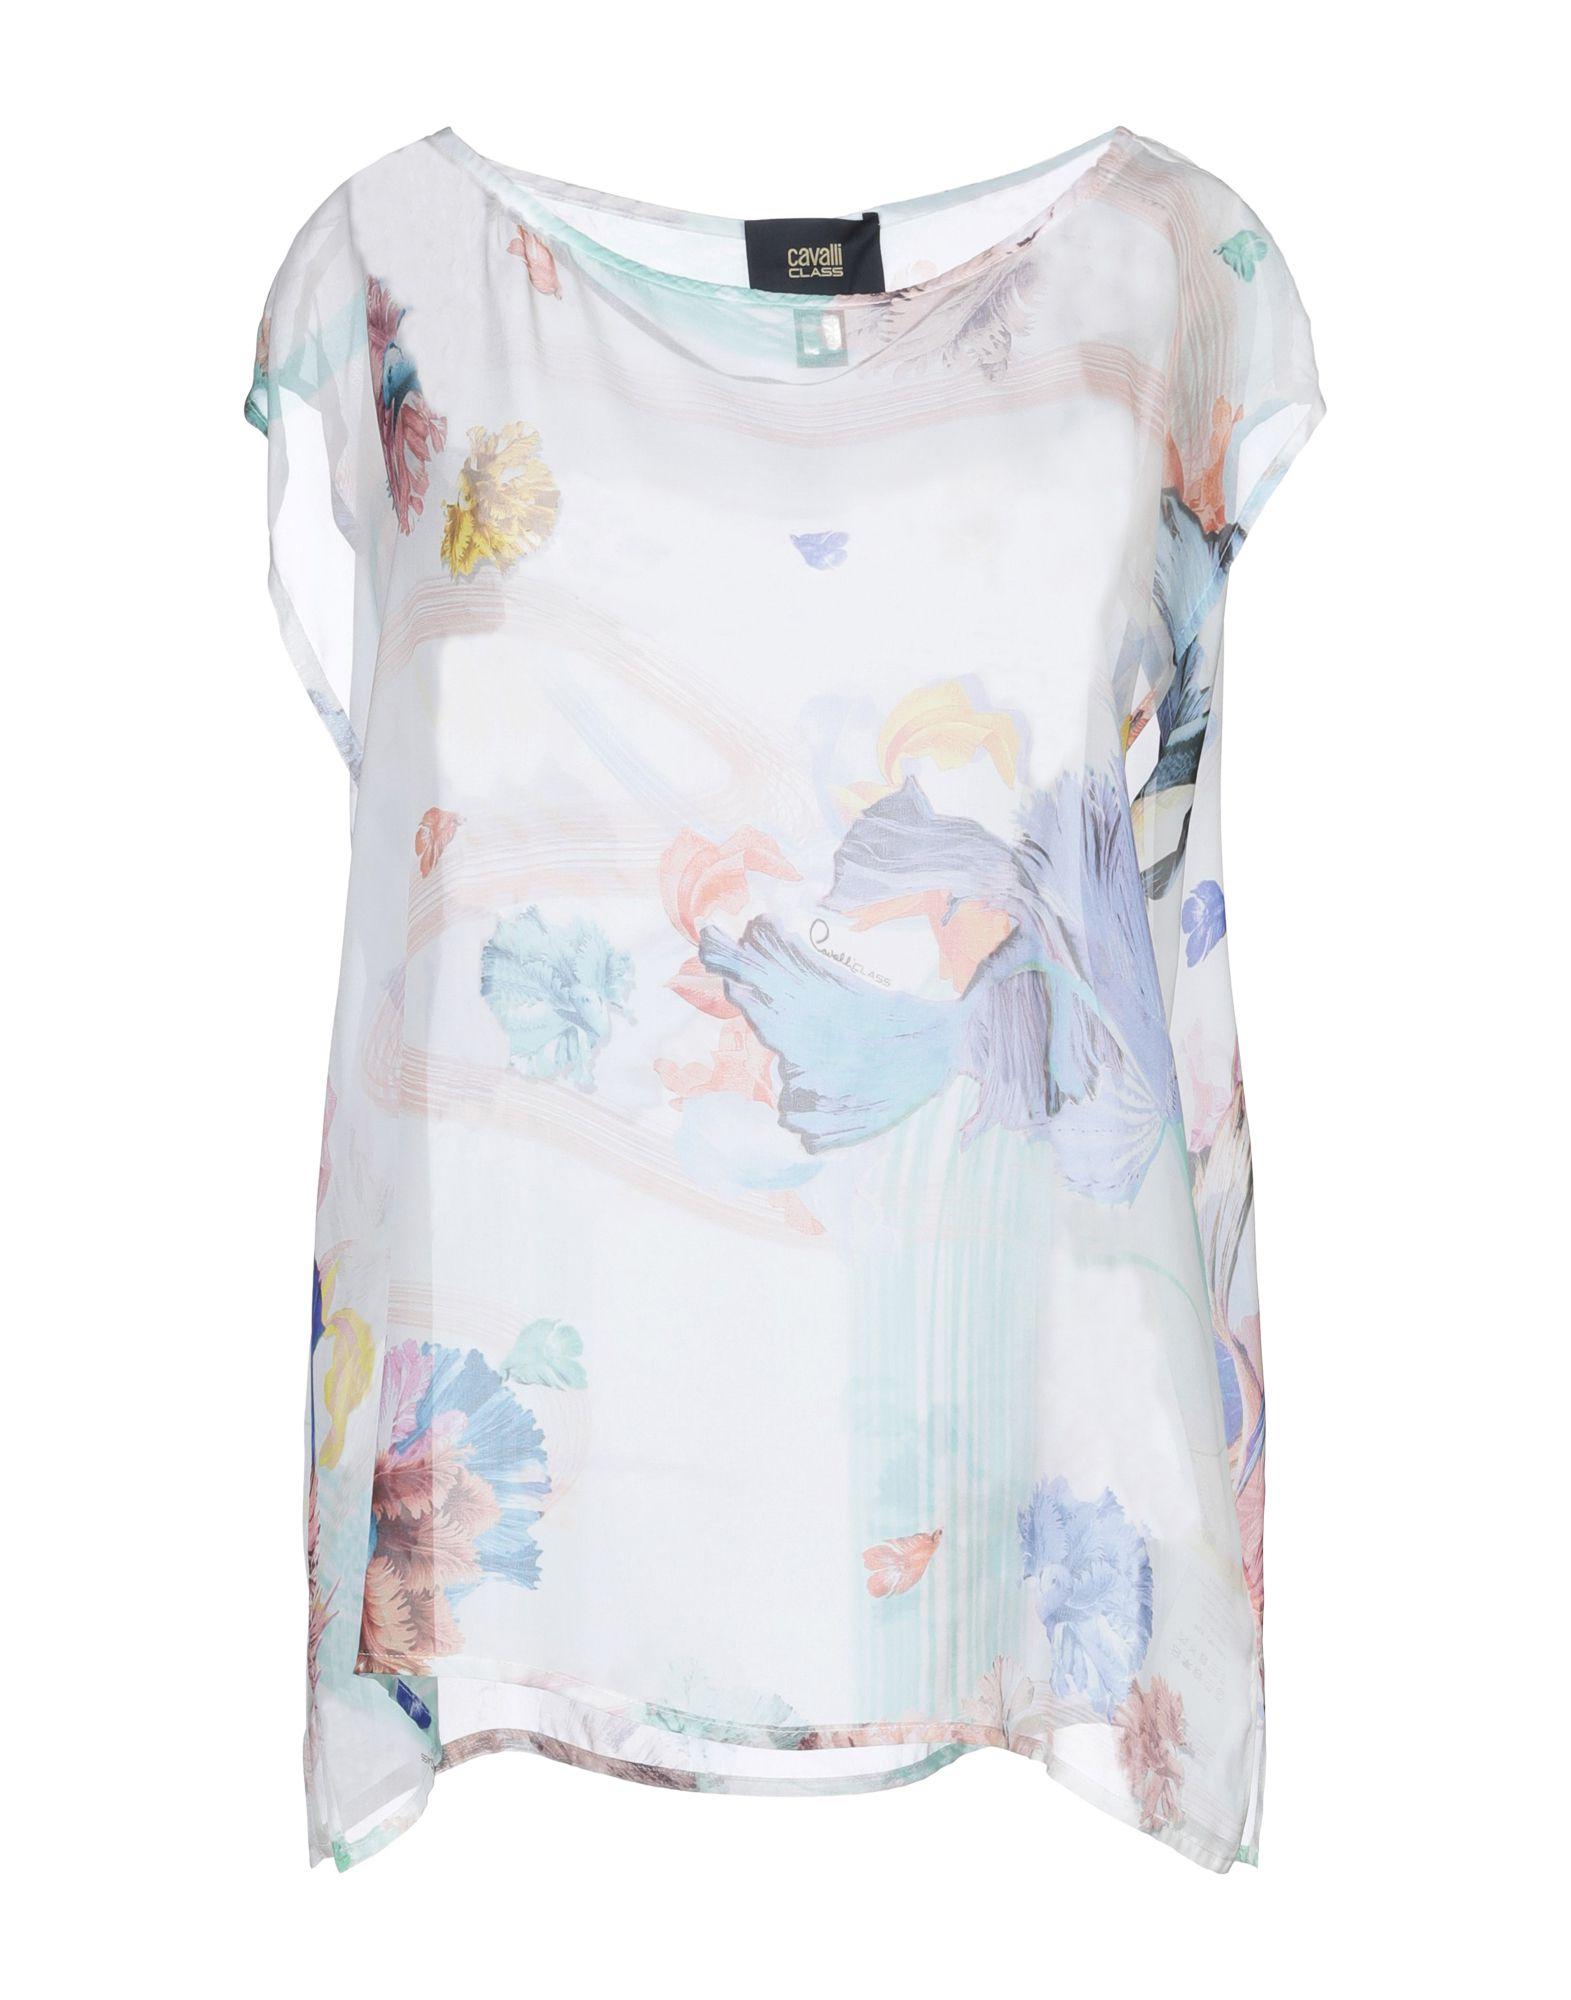 CAVALLI CLASS Блузка шифоновая блузка в цветочный принт